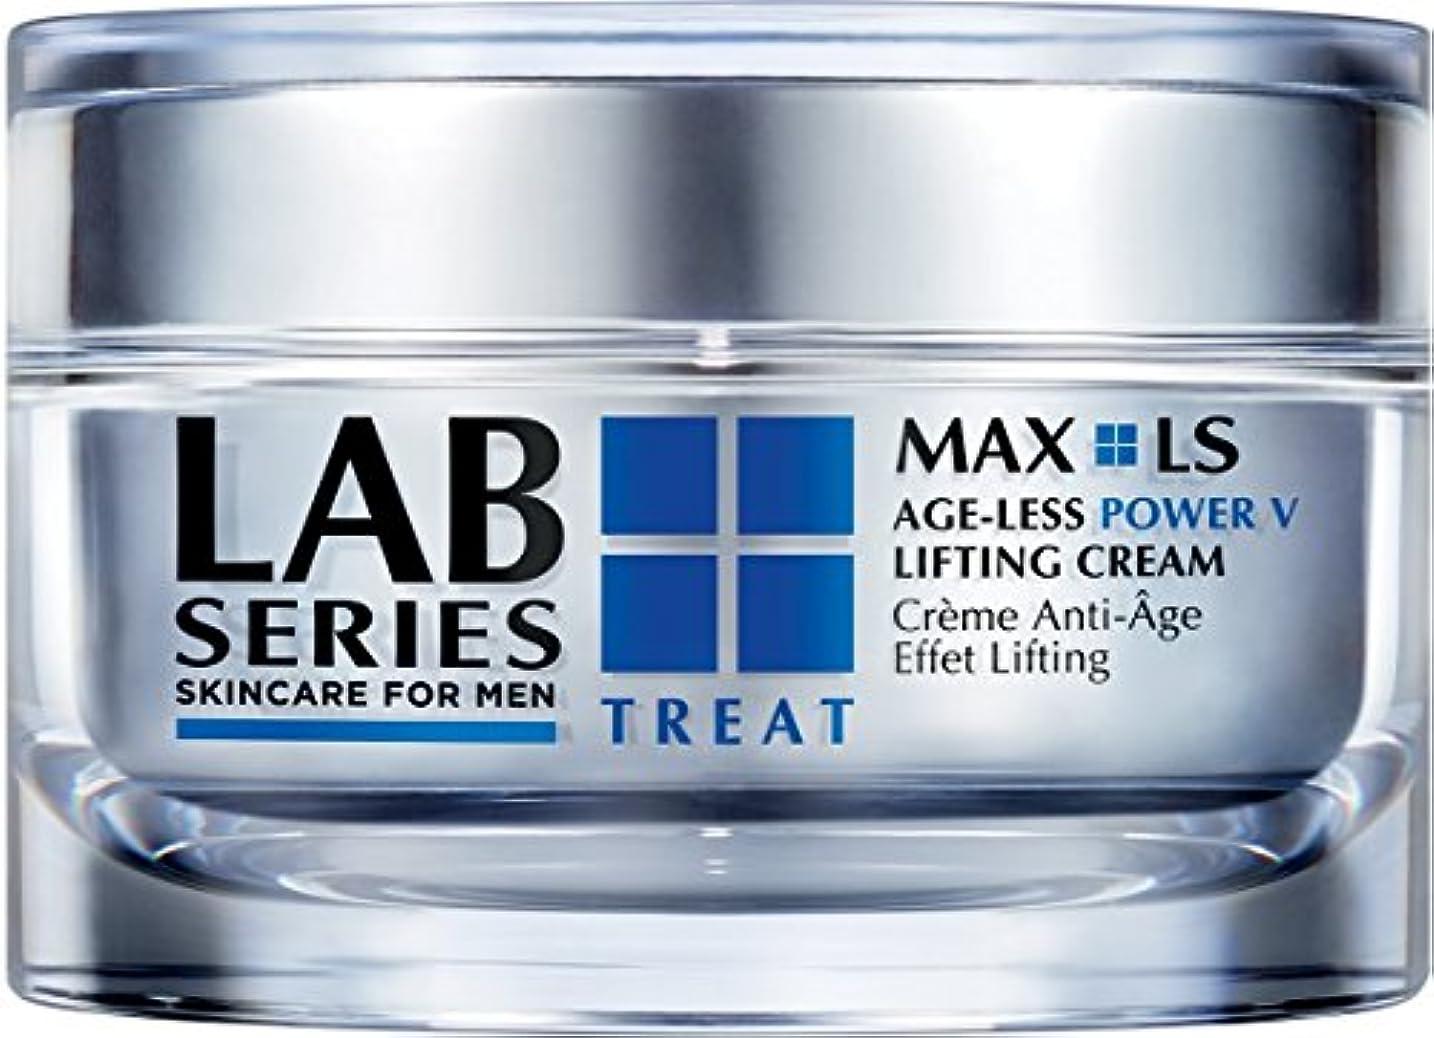 宝災害根絶するラボシリーズ (LAB SERIES) マックス LS V クリーム 50mL